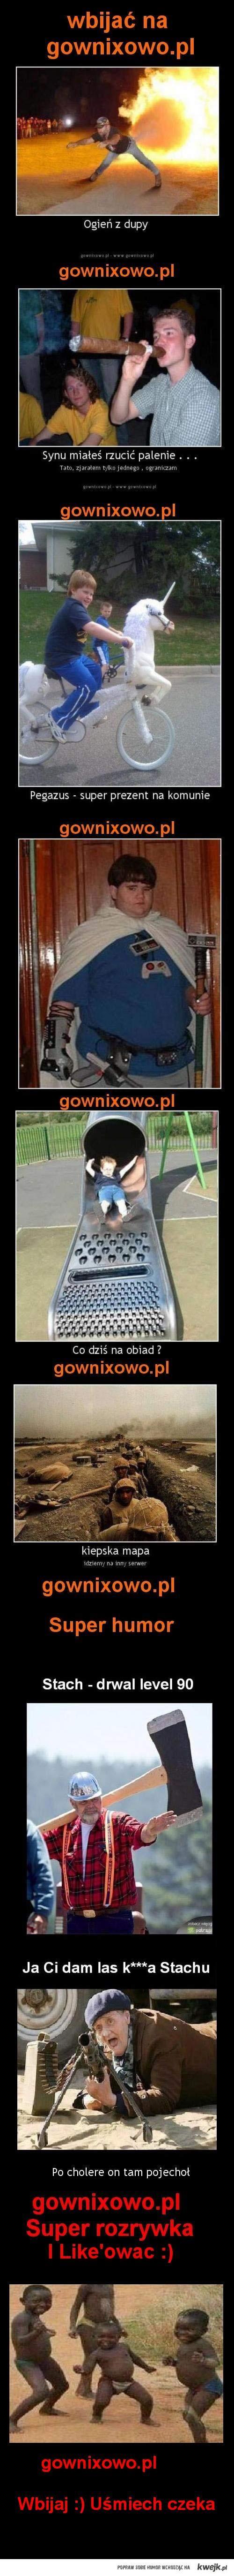 gfgfgfgf